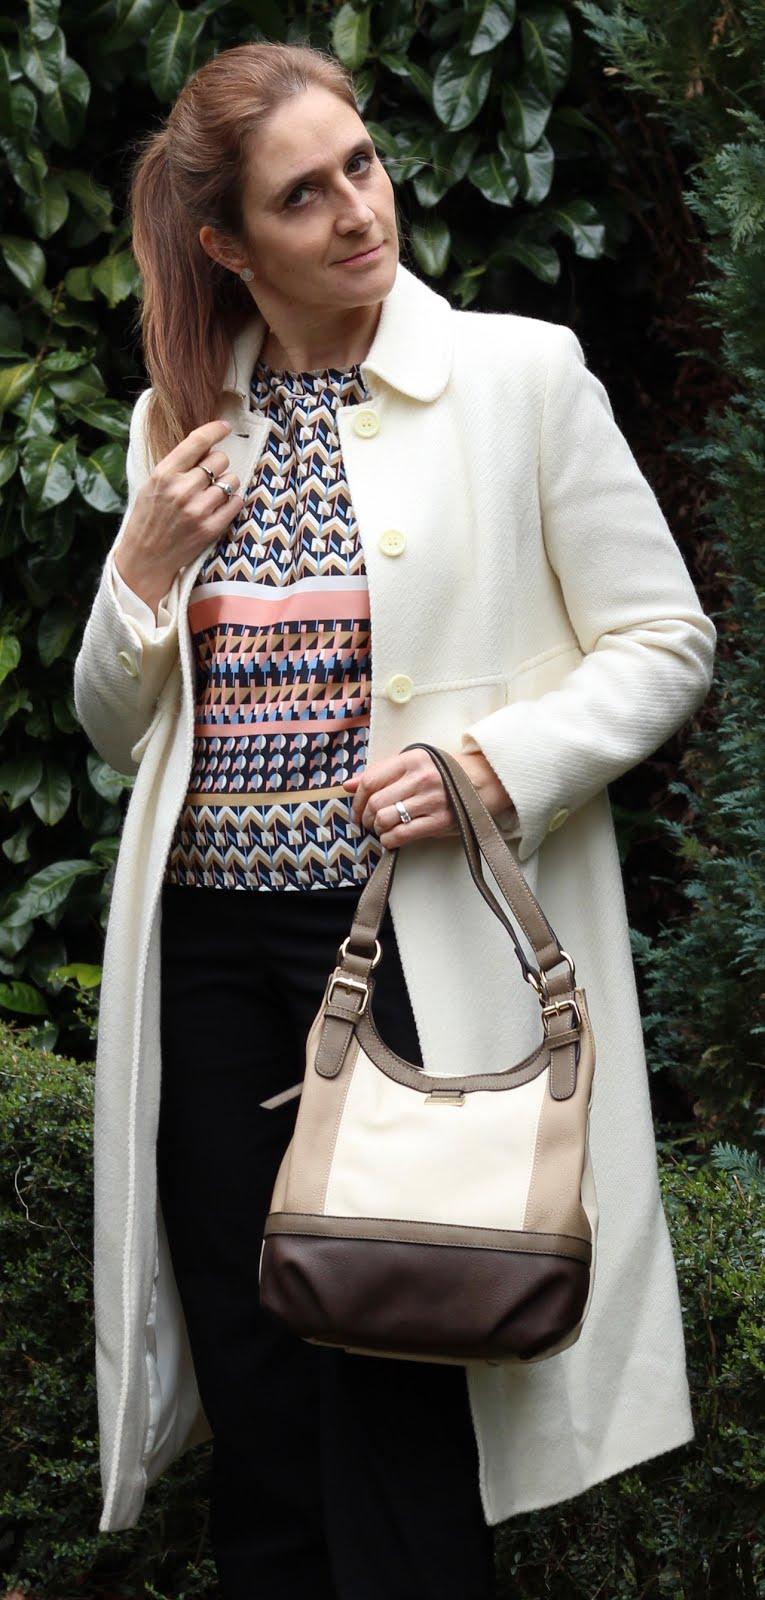 Fashion Friday again - ein wenig rose und musterhaft schick in den Frühling! Mantel von Bellybutton